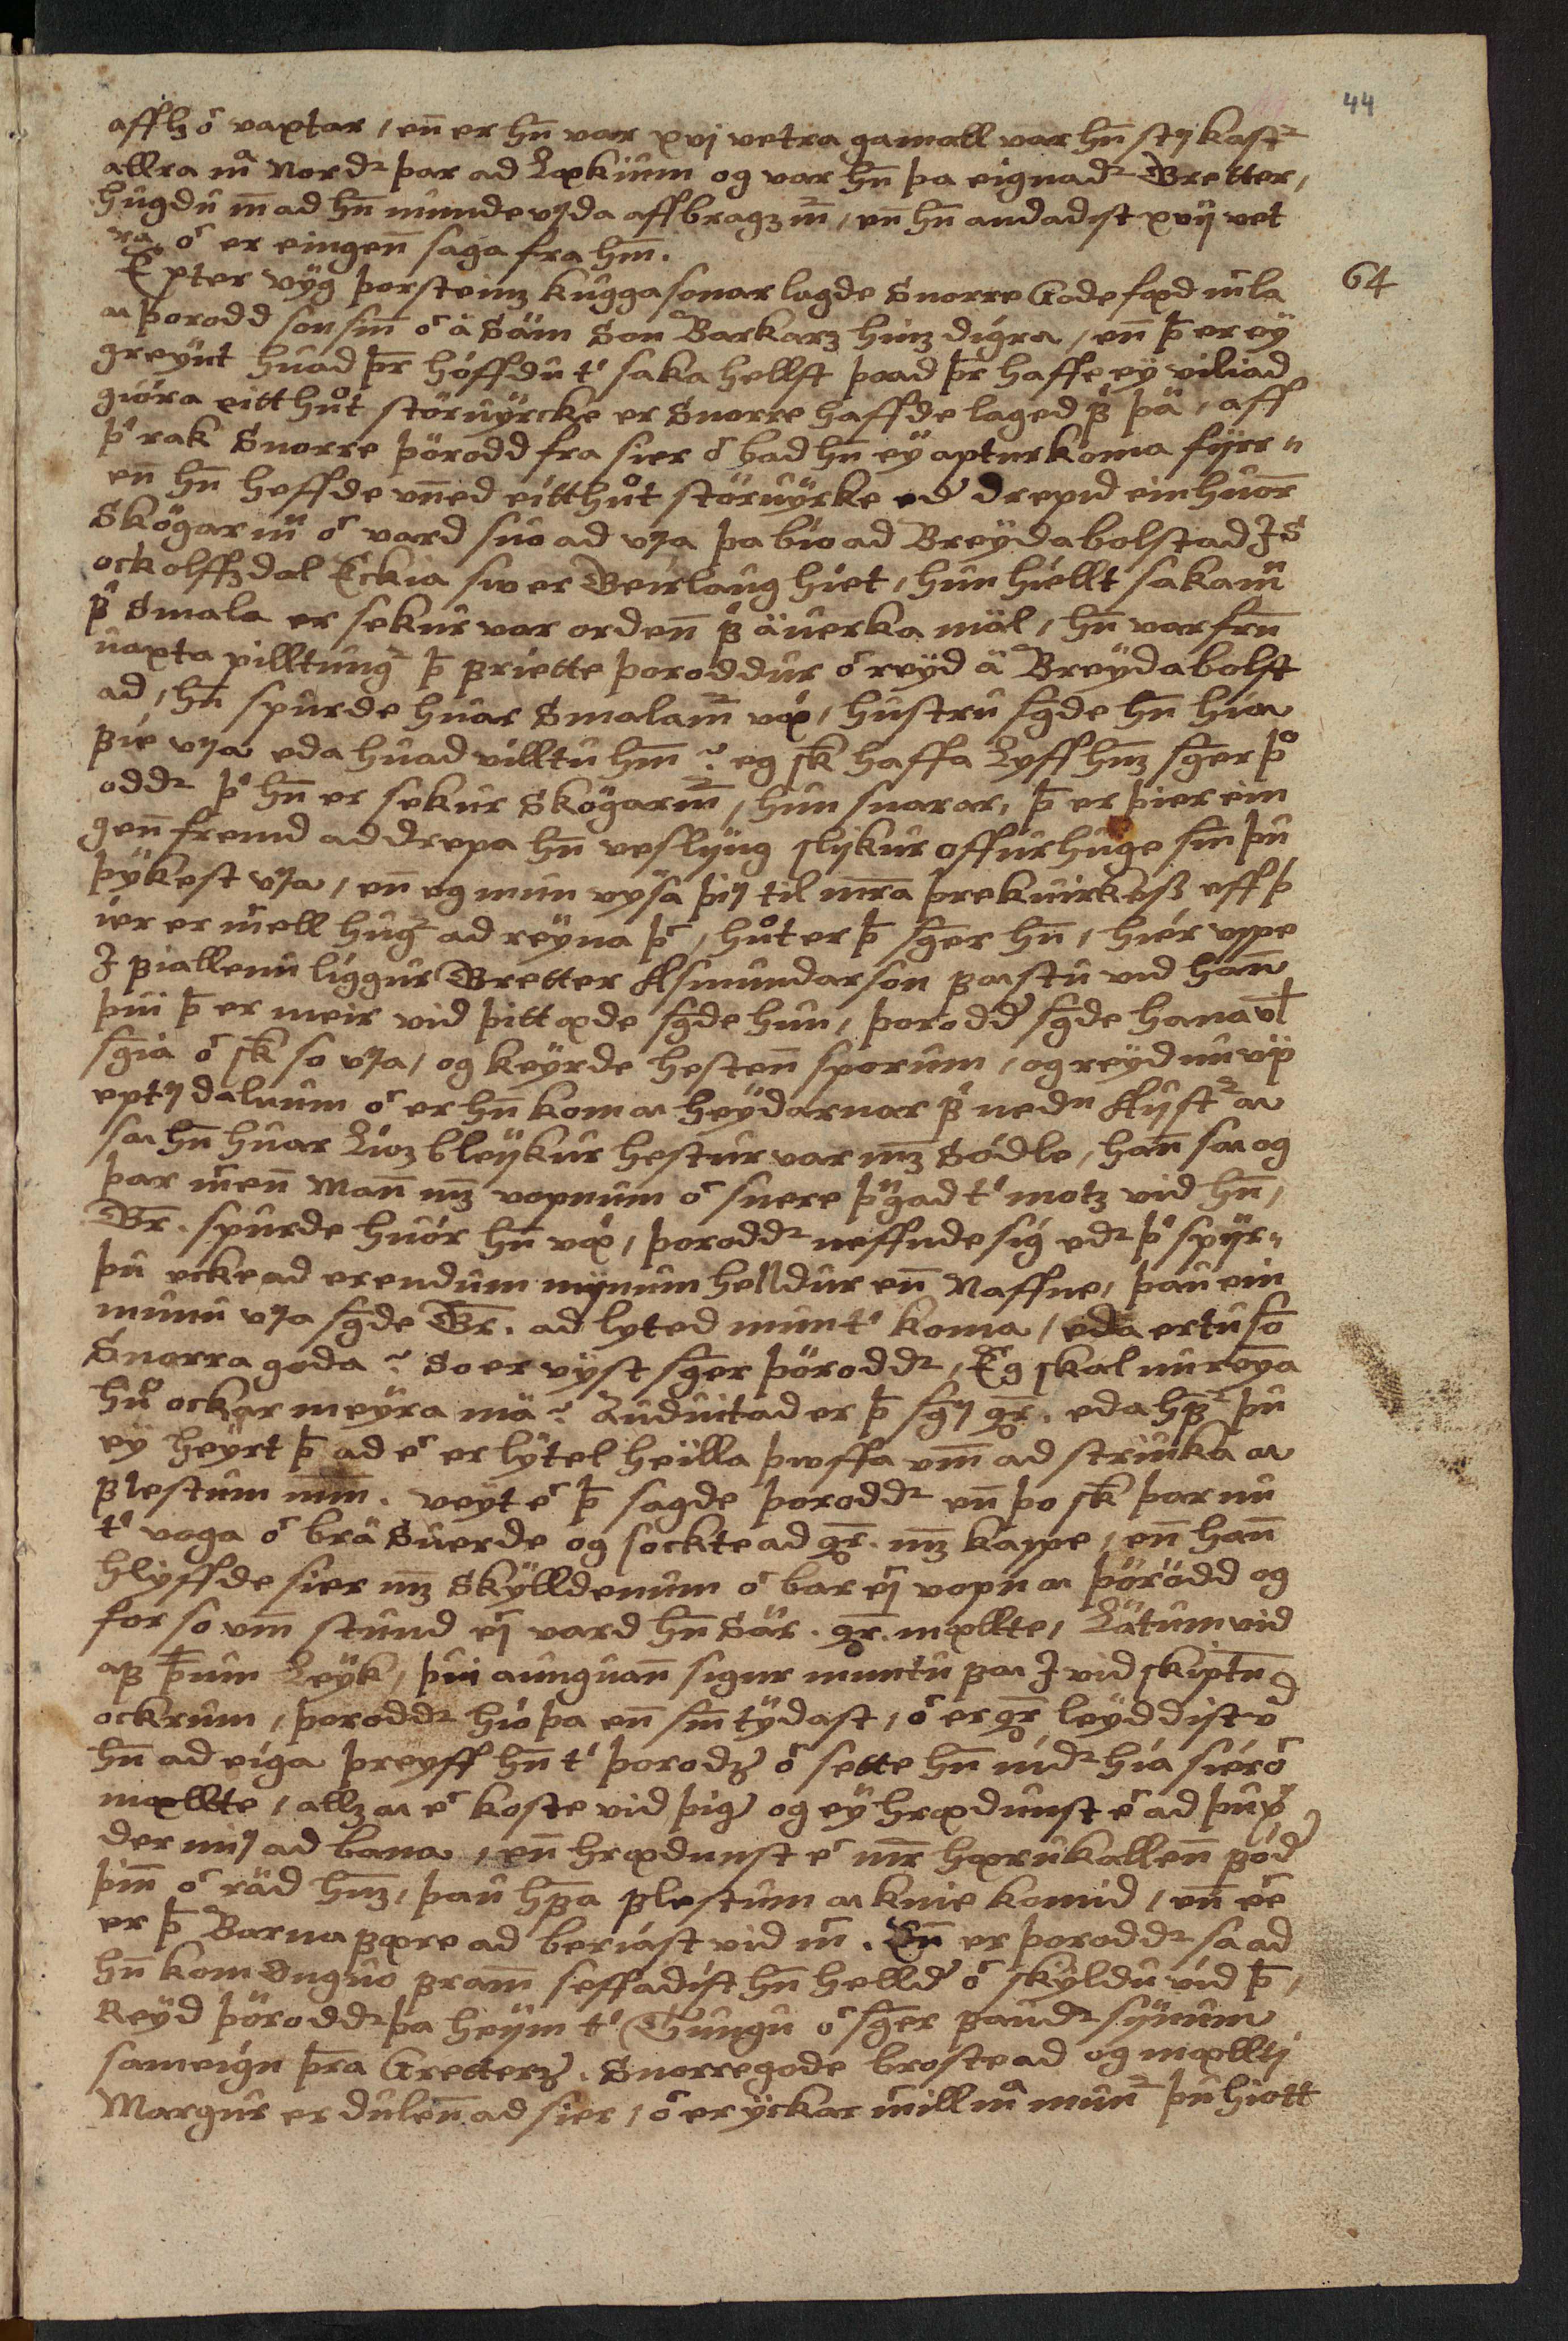 AM 151 fol - 44r